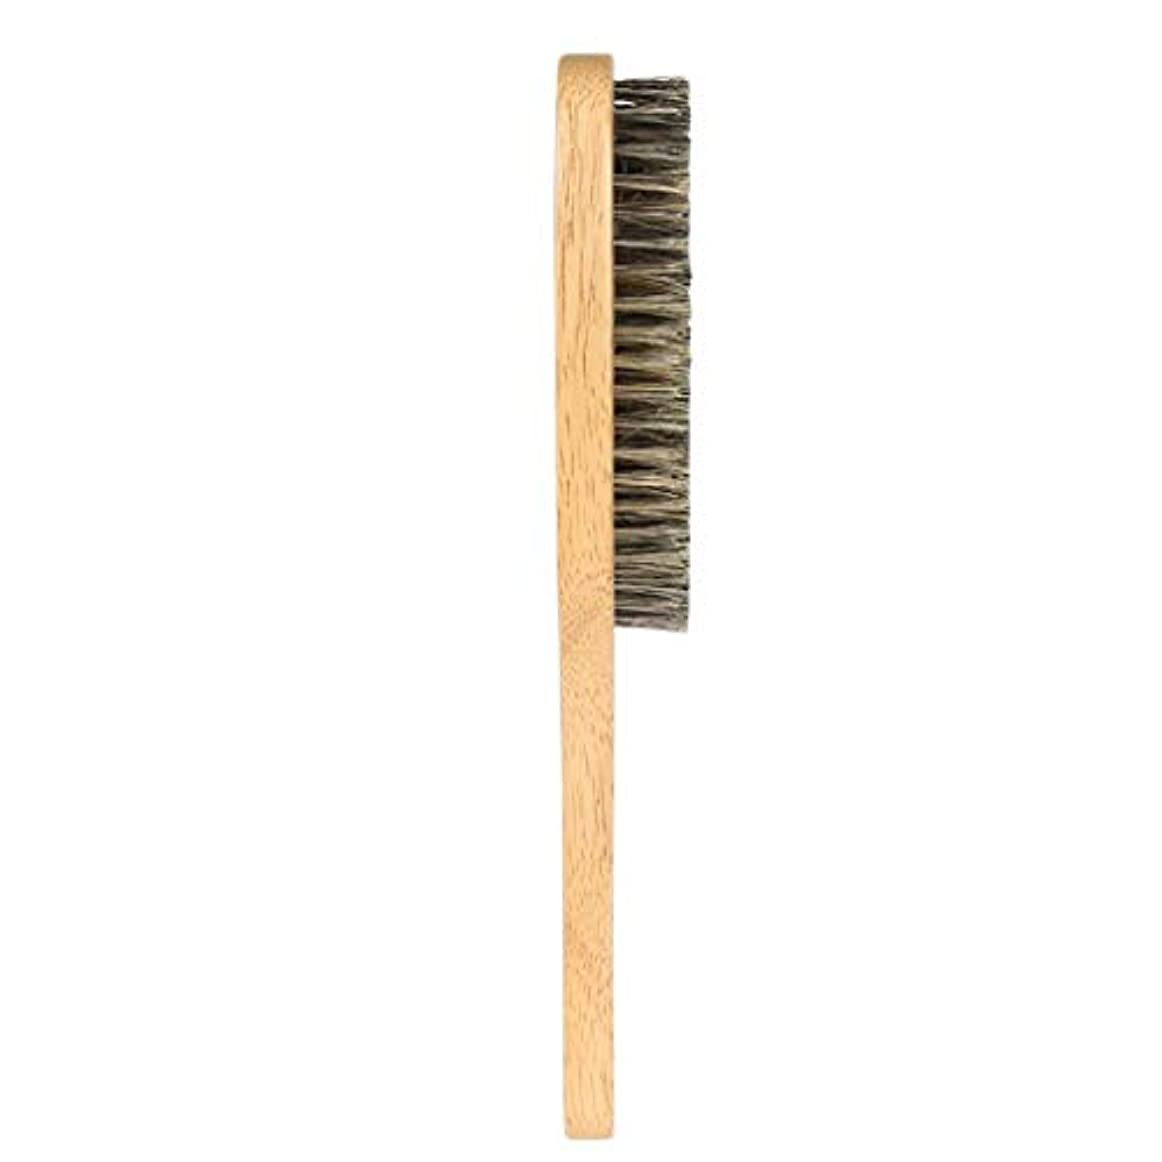 部分選択する相対サイズToygogo 男性合成繊維ひげ口ひげブラシ顔毛シェービングブラシw/ハンドル